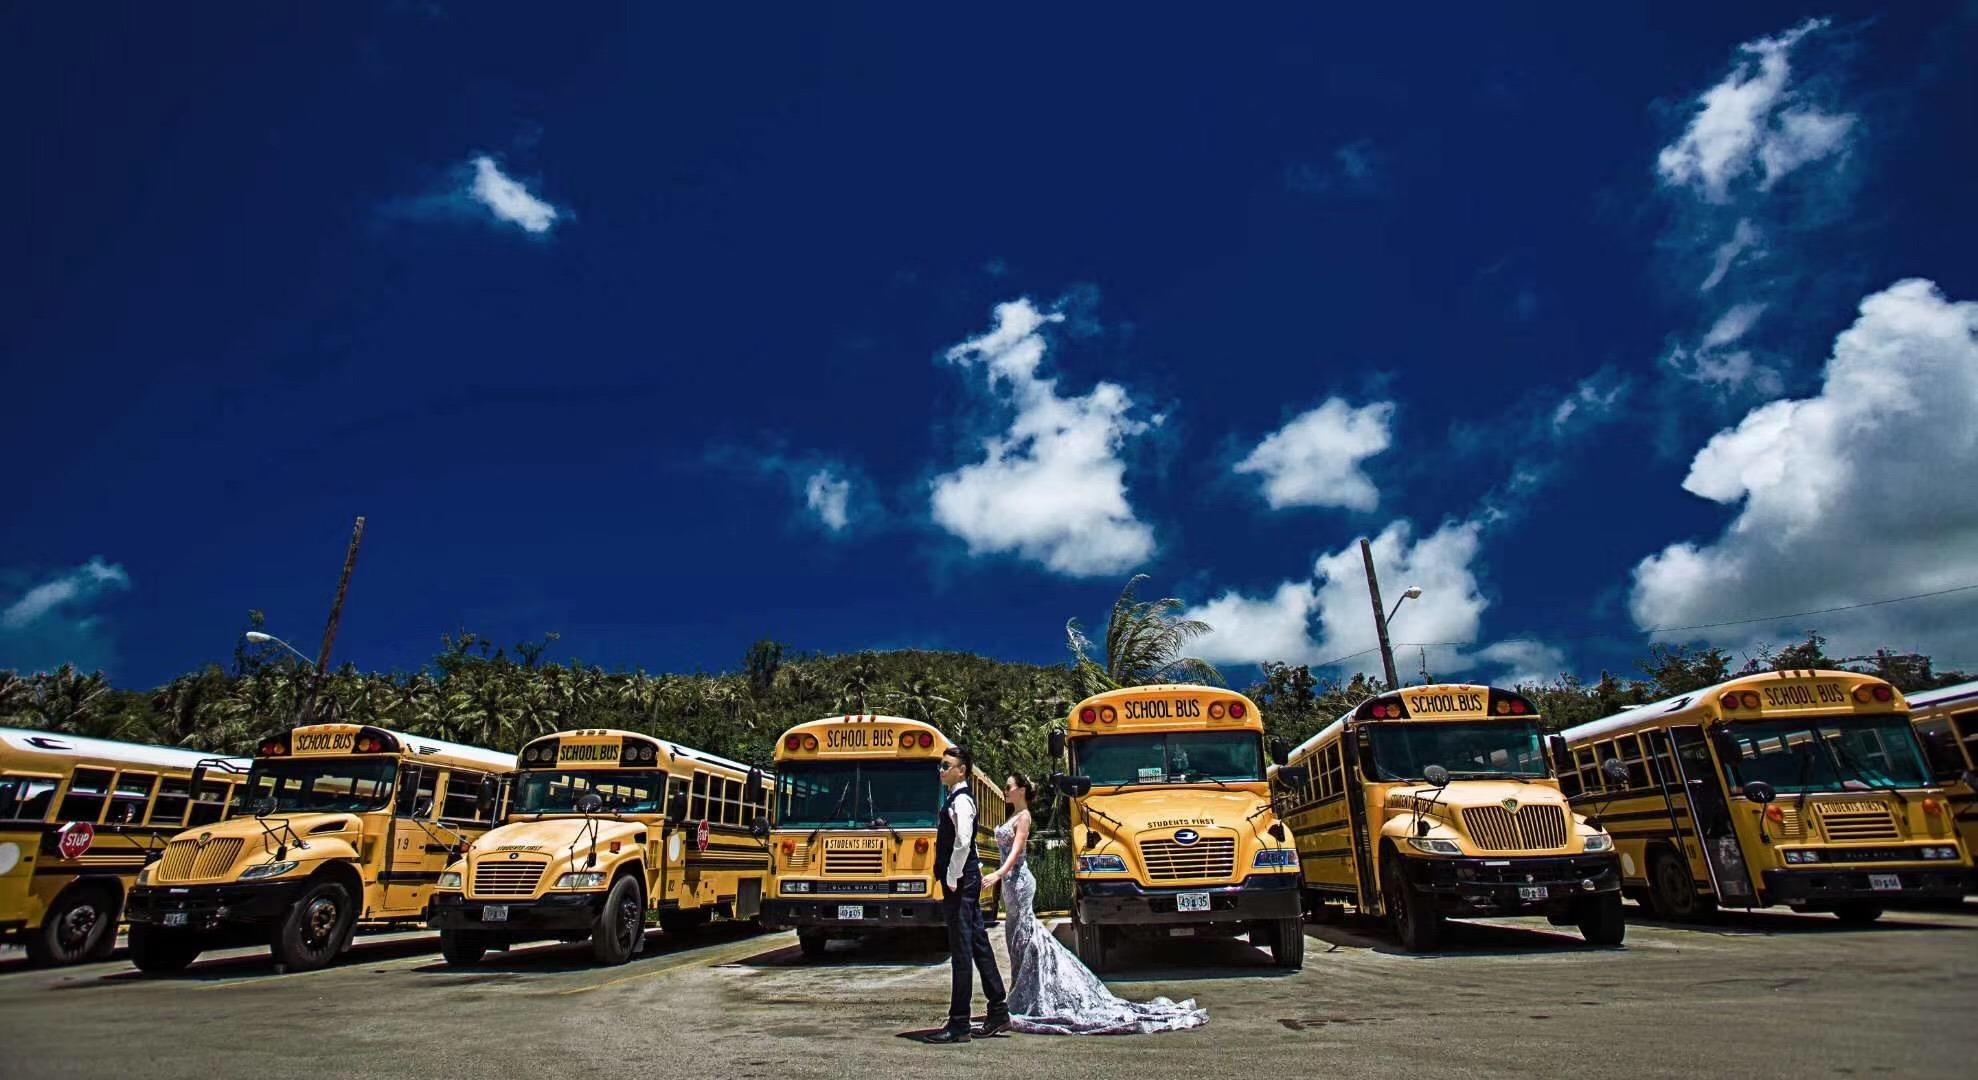 美国塞班岛婚纱照 旅拍